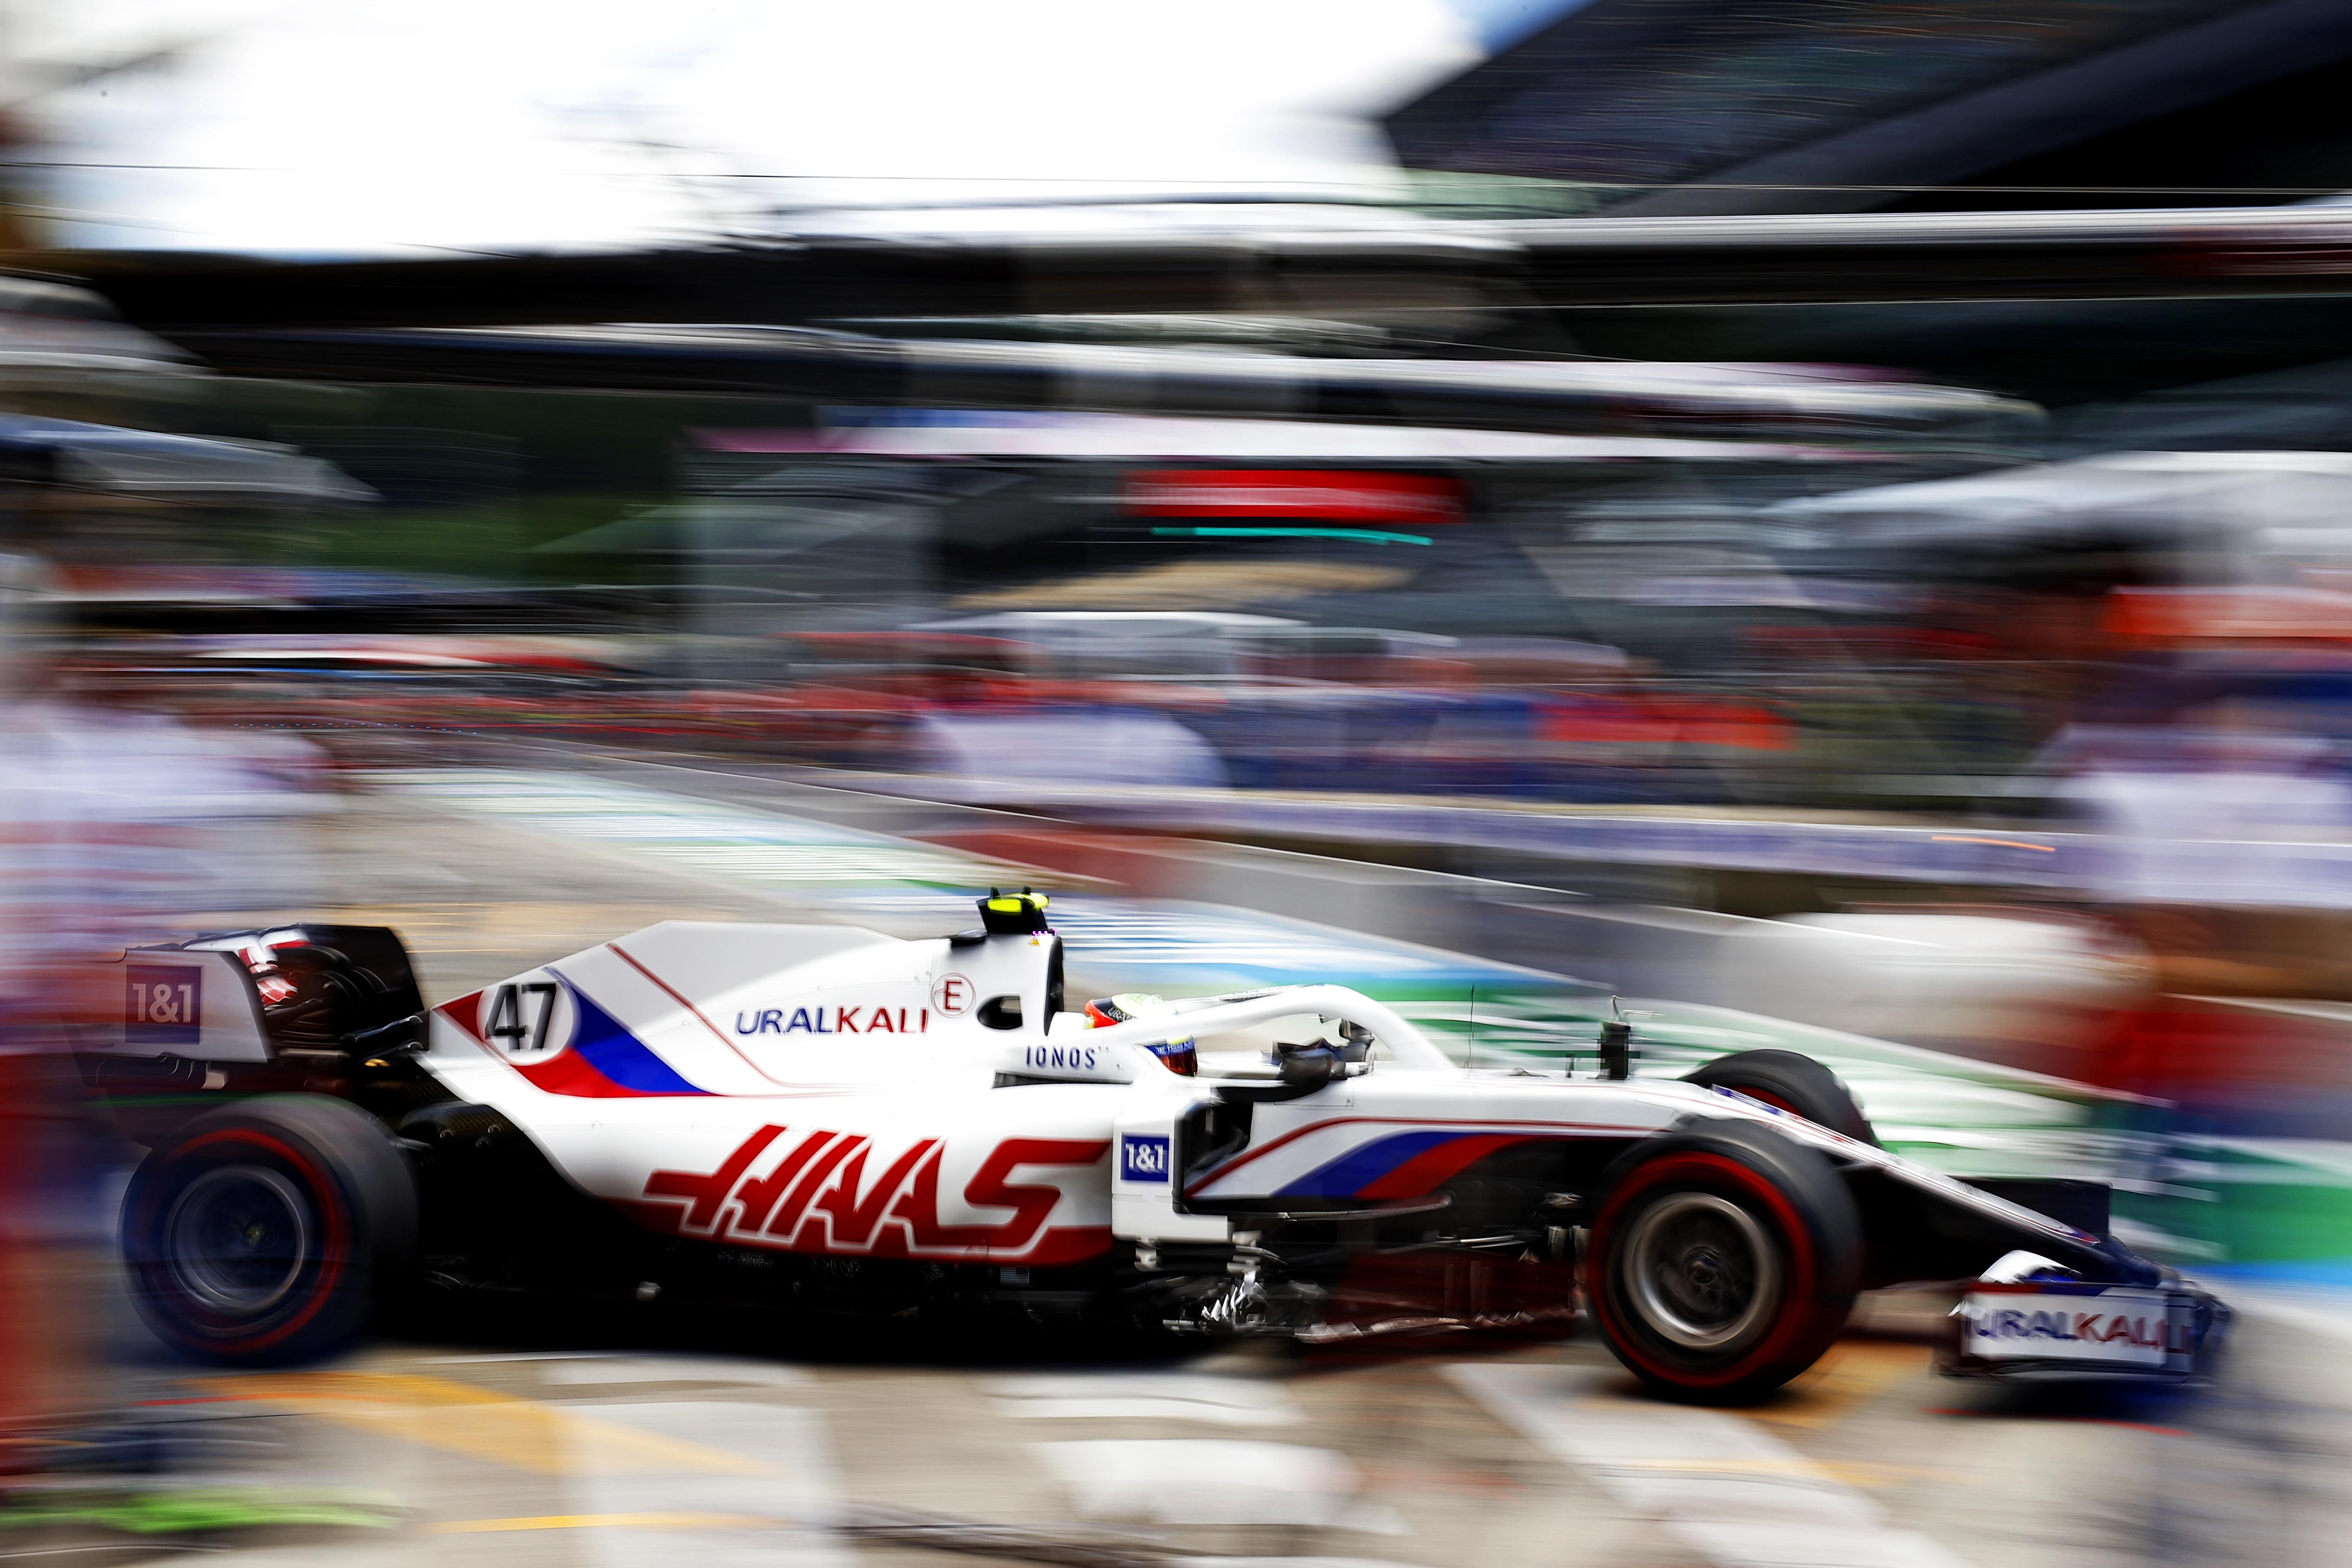 Sábado en Estiria – Haas: confiados en el ritmo de carrera